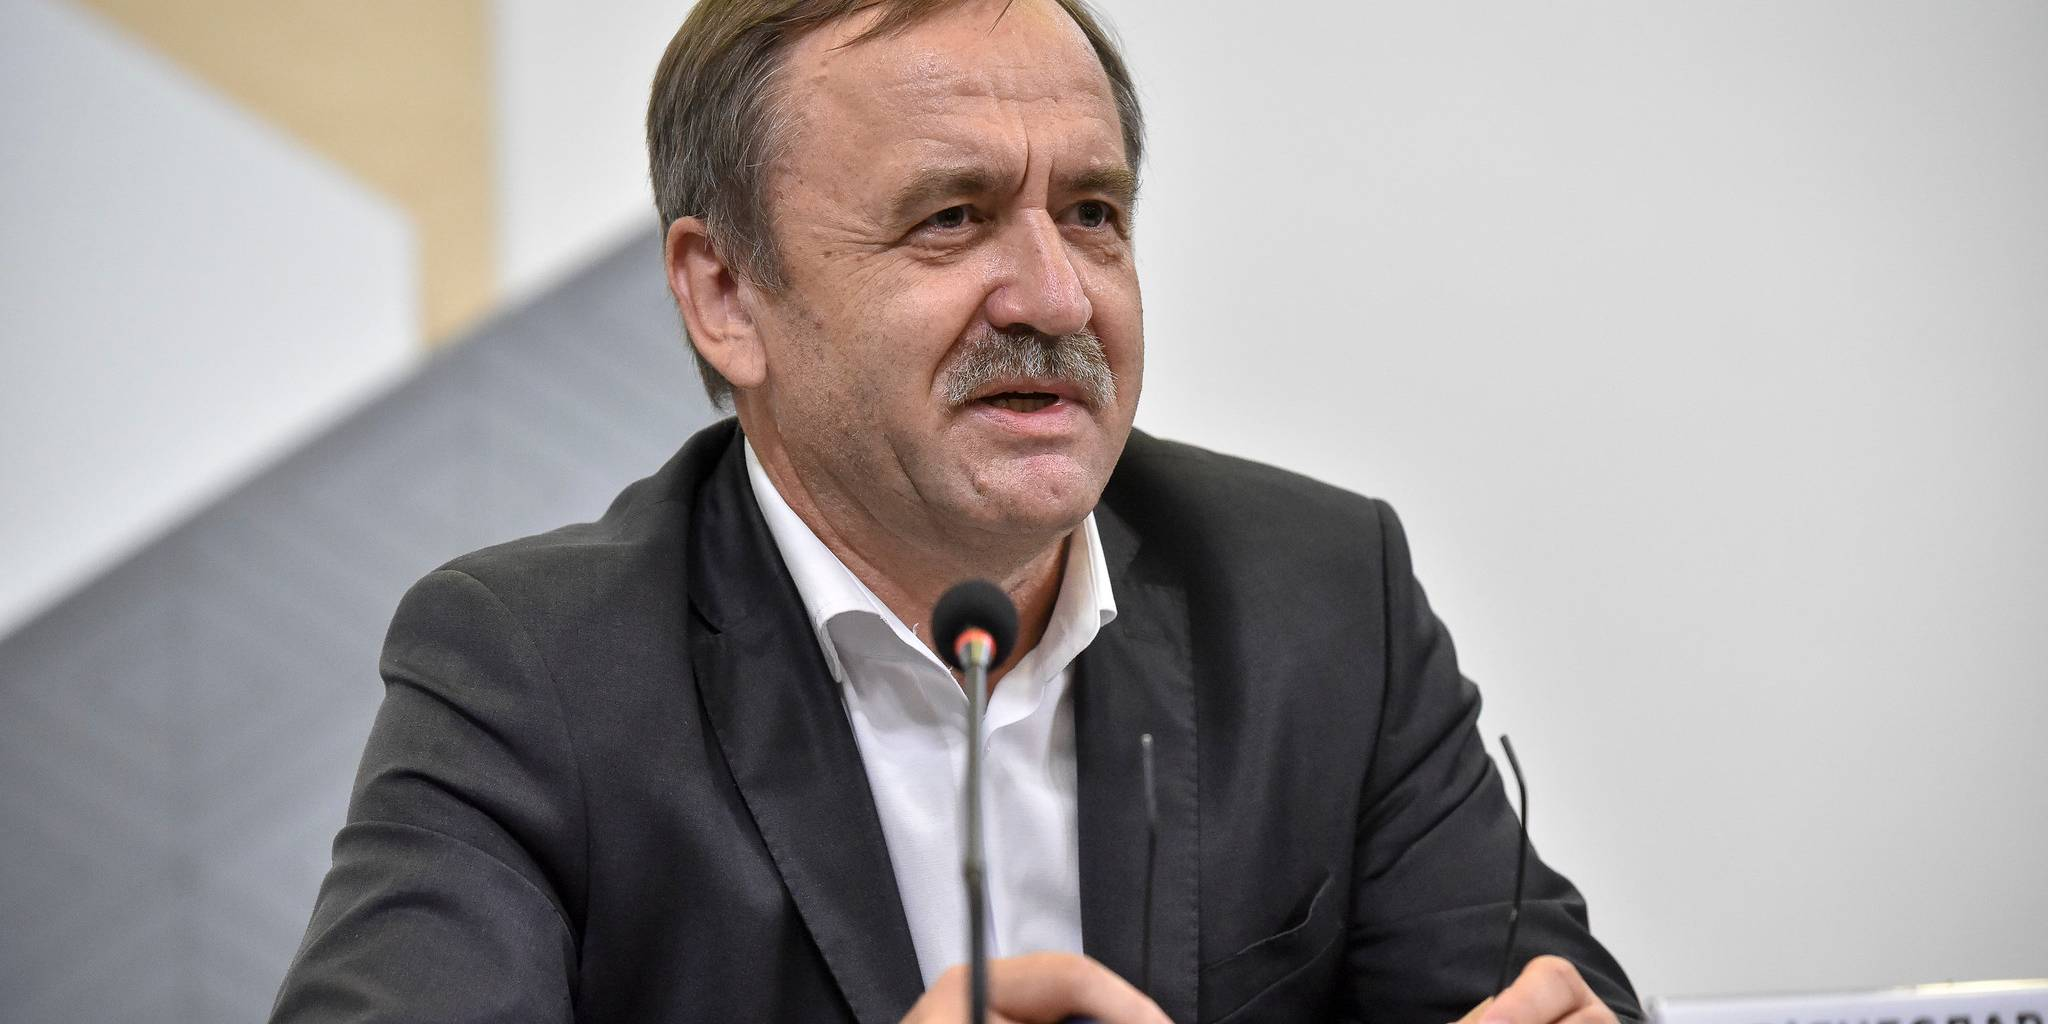 З наступного року усі громади в Україні стануть конкурентоспроможними, – В'ячеслав Негода